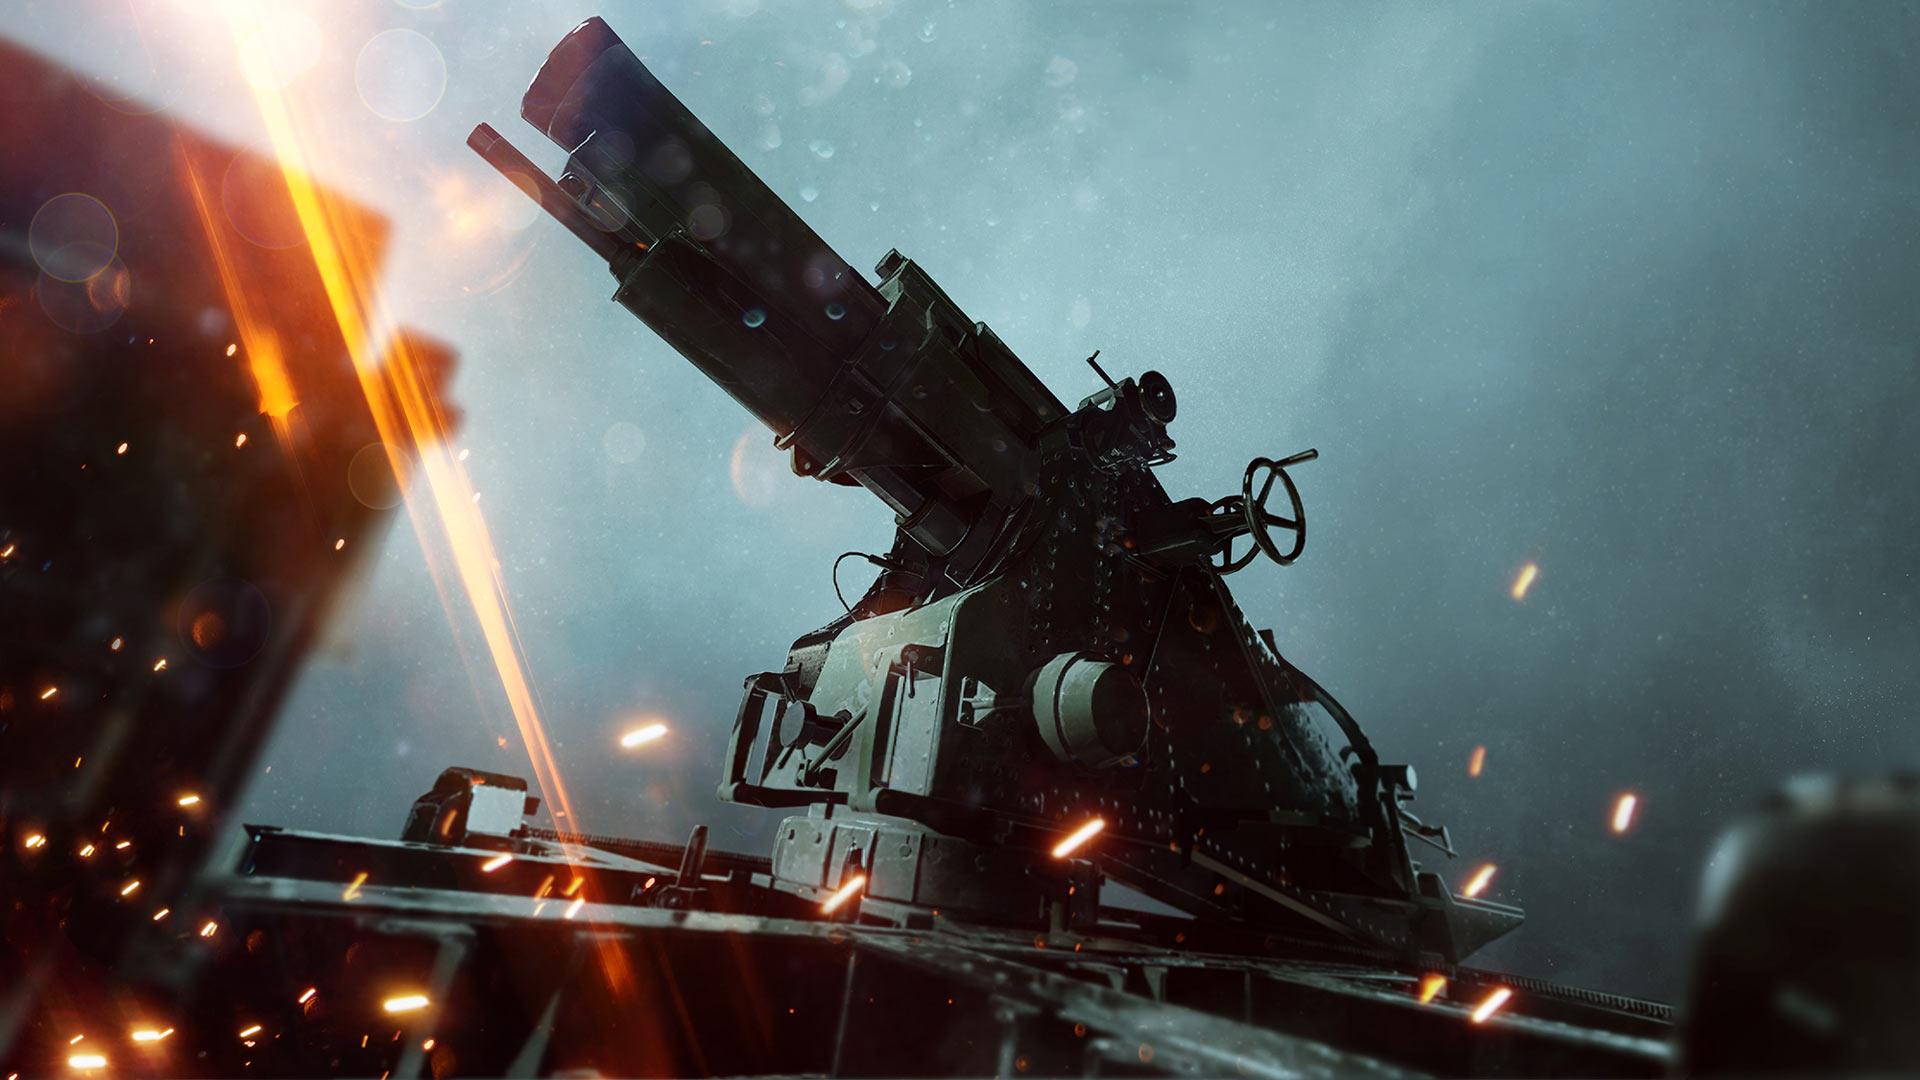 https://media-www-battlefieldwebcore.spark.ea.com/content/battlefield-portal/fr_FR/games/battlefield-1/they-shall-not-pass/_jcr_content/par/section_2/columns/column/content/editorial_3/image/medium.img.jpg